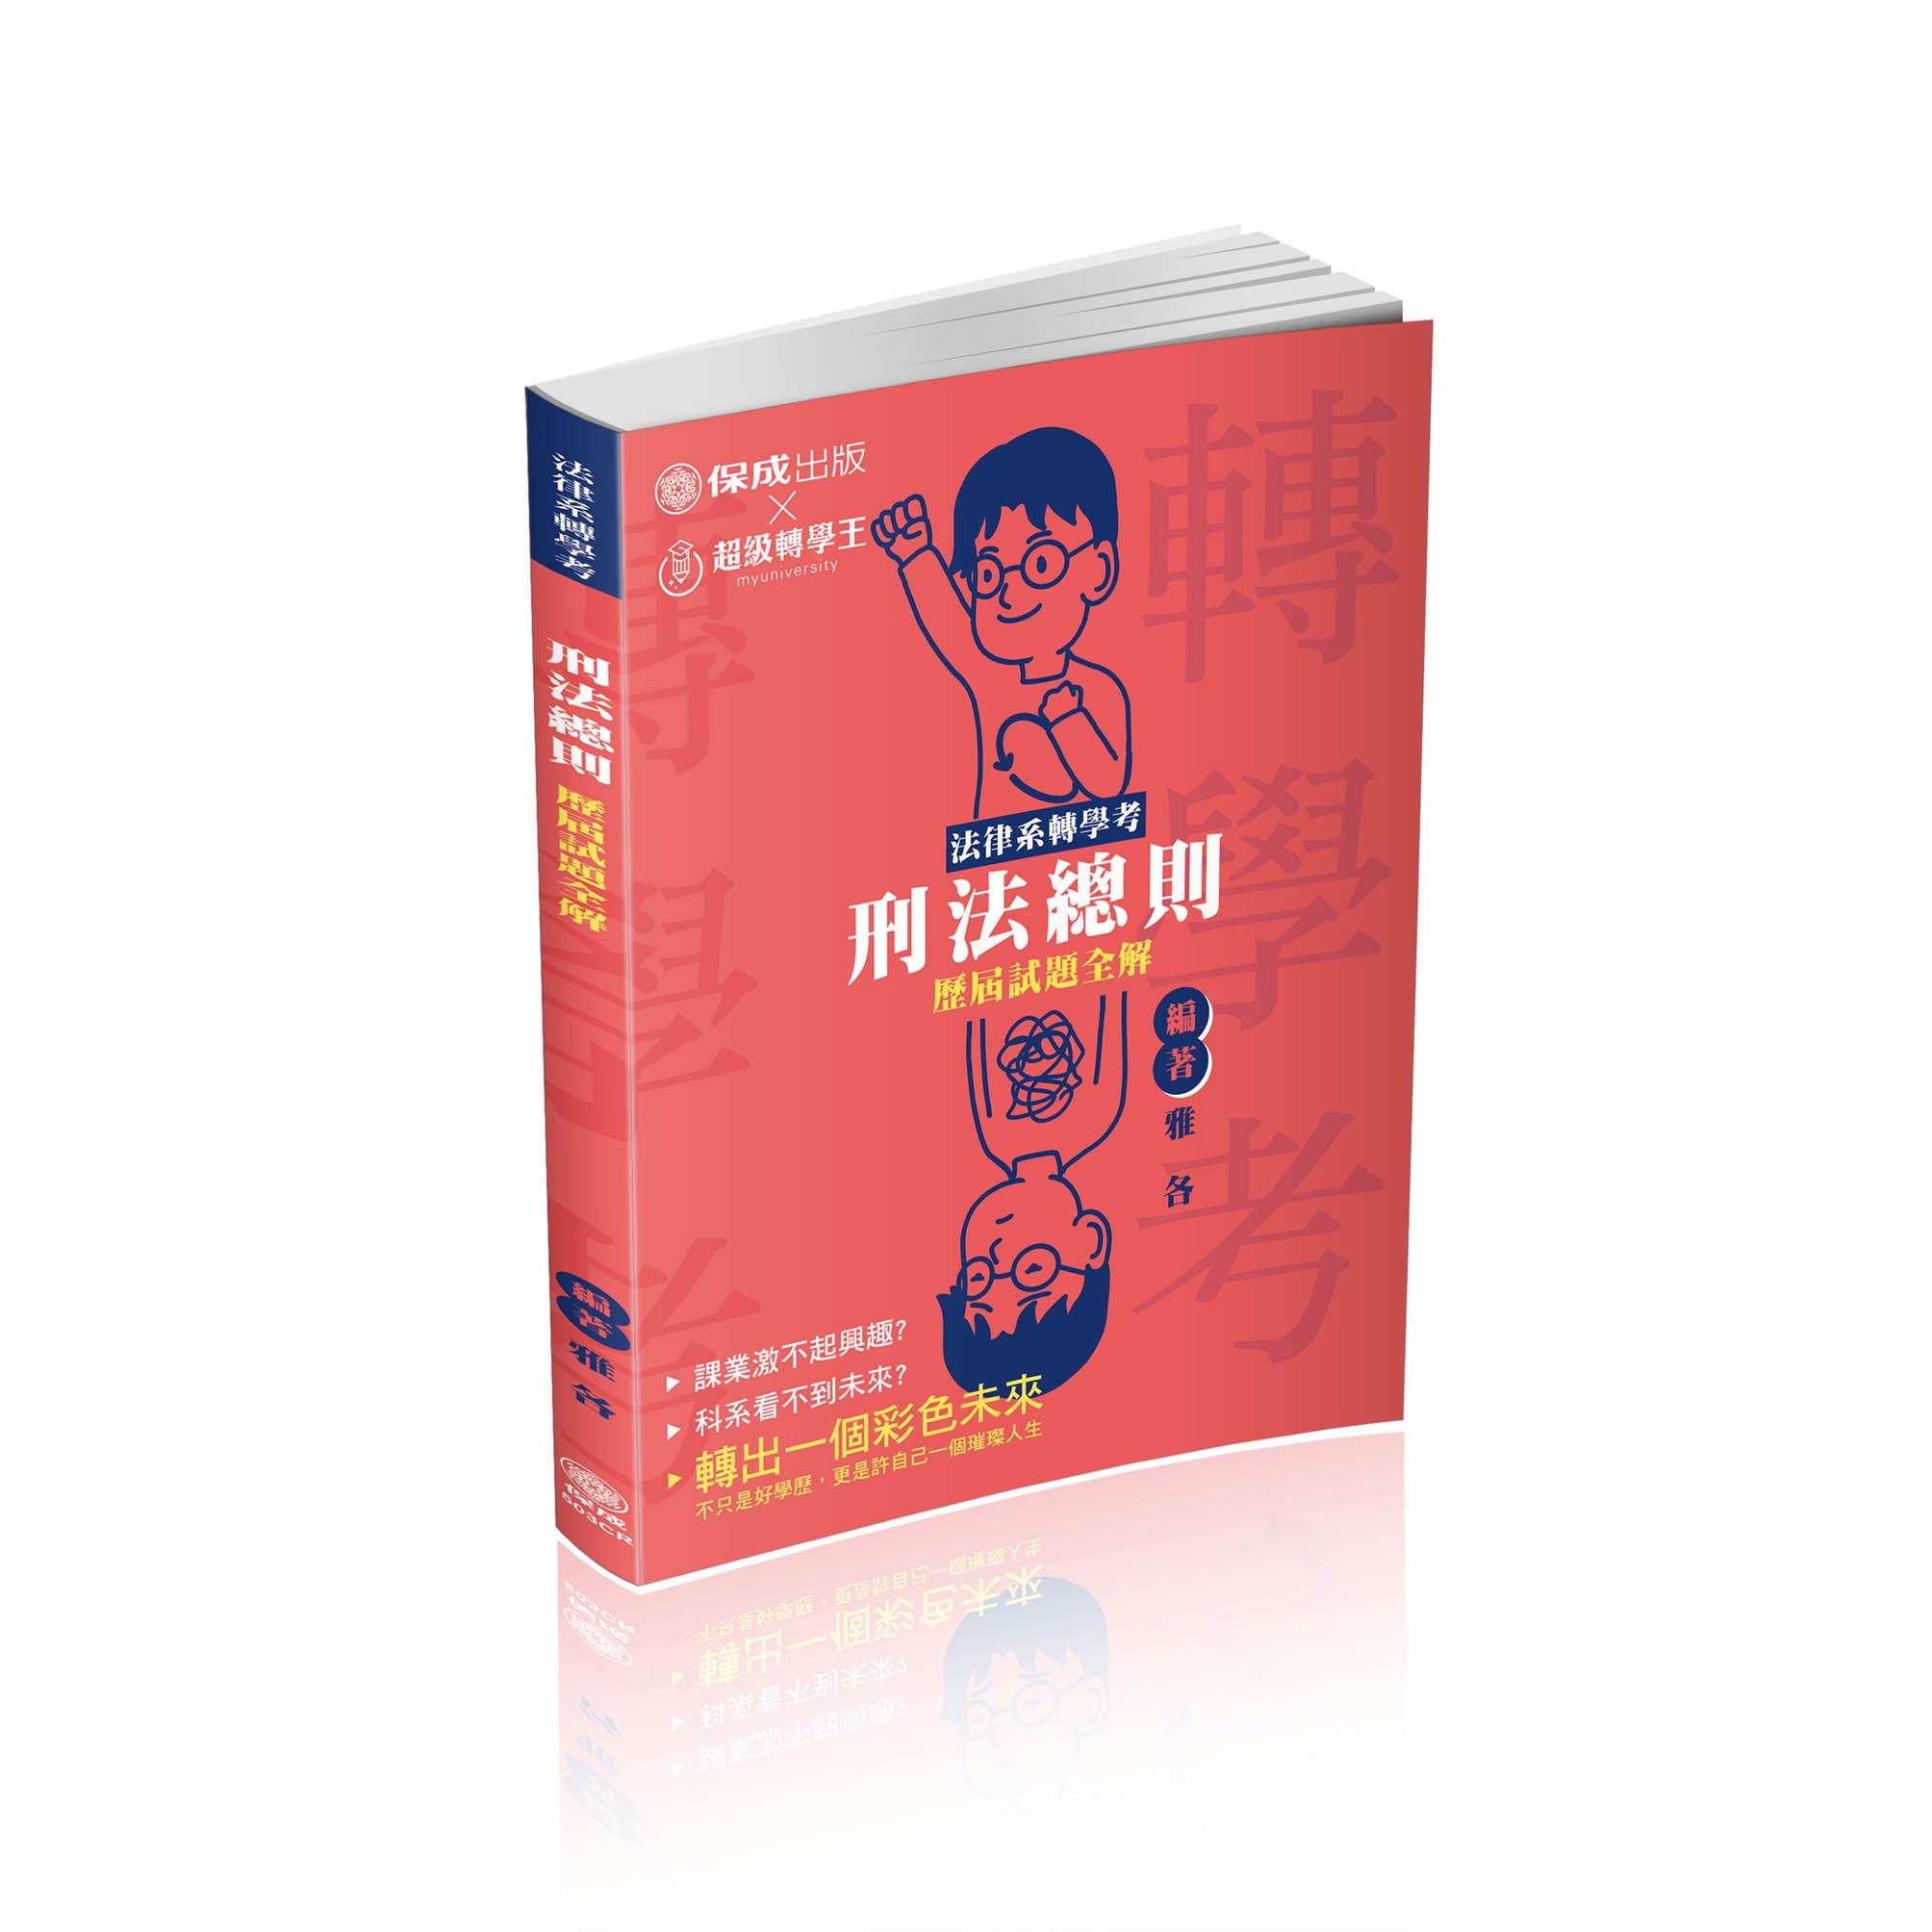 雅各法律系轉學考-刑法總則歷屆試題全解(雅各)-503CR